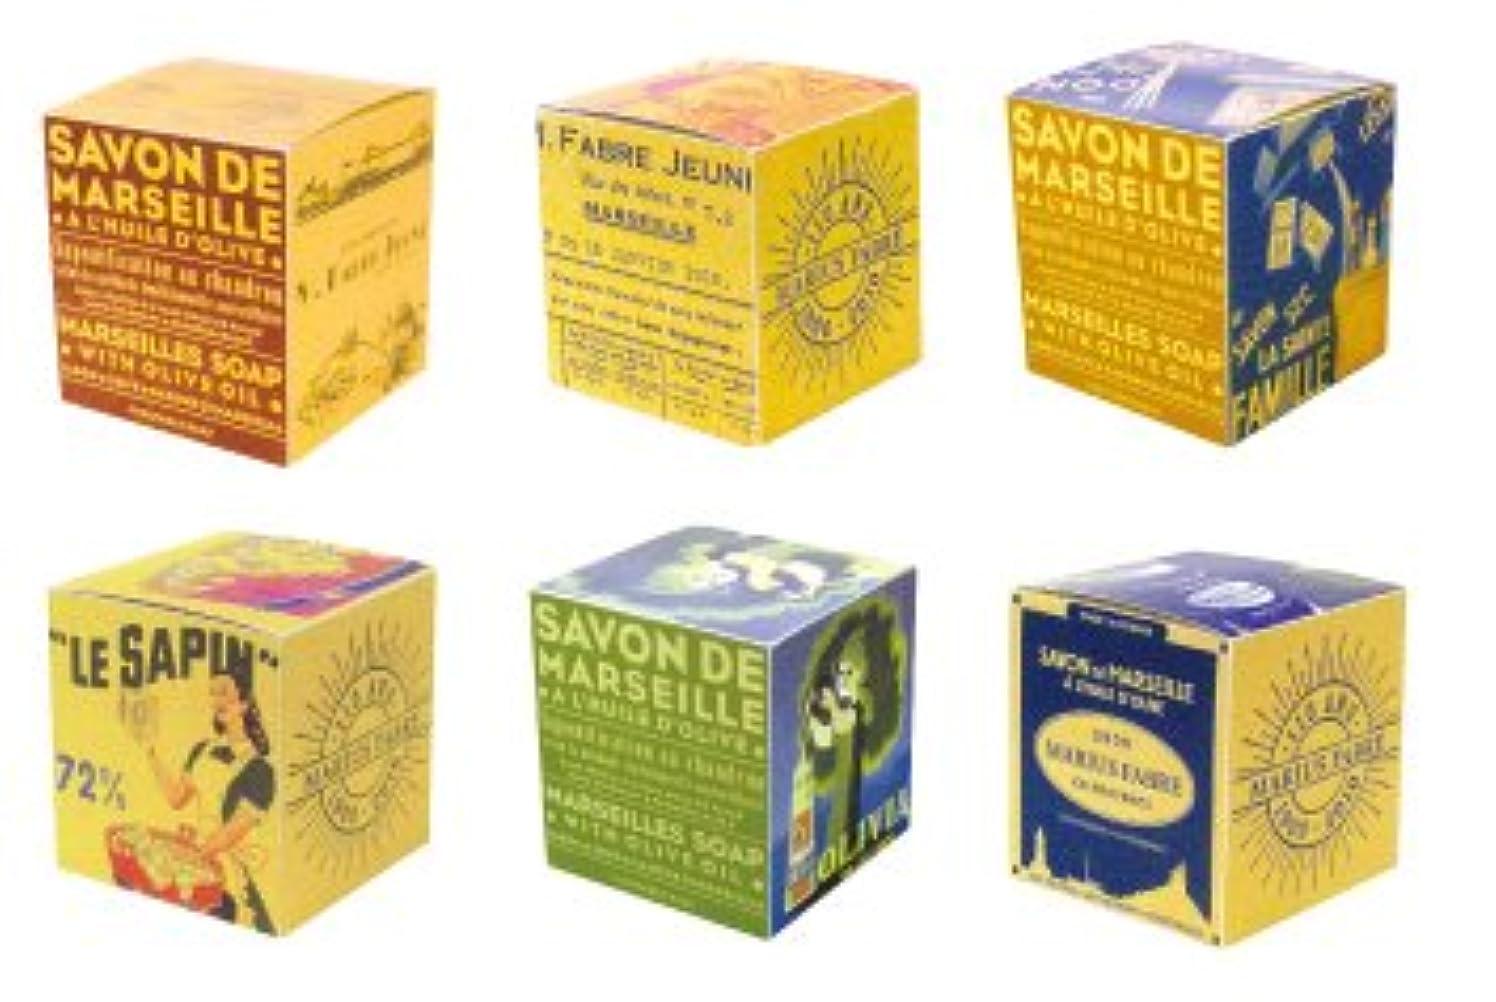 すぐにキャンセル絶妙マリウスファーブル 【 サボン ド マルセイユ 】 オリーブ 200g X 2個 1900年復刻デザインBOX入り (箱の柄指定はできません) / ギフト / マルセイユ石鹸 / 全身